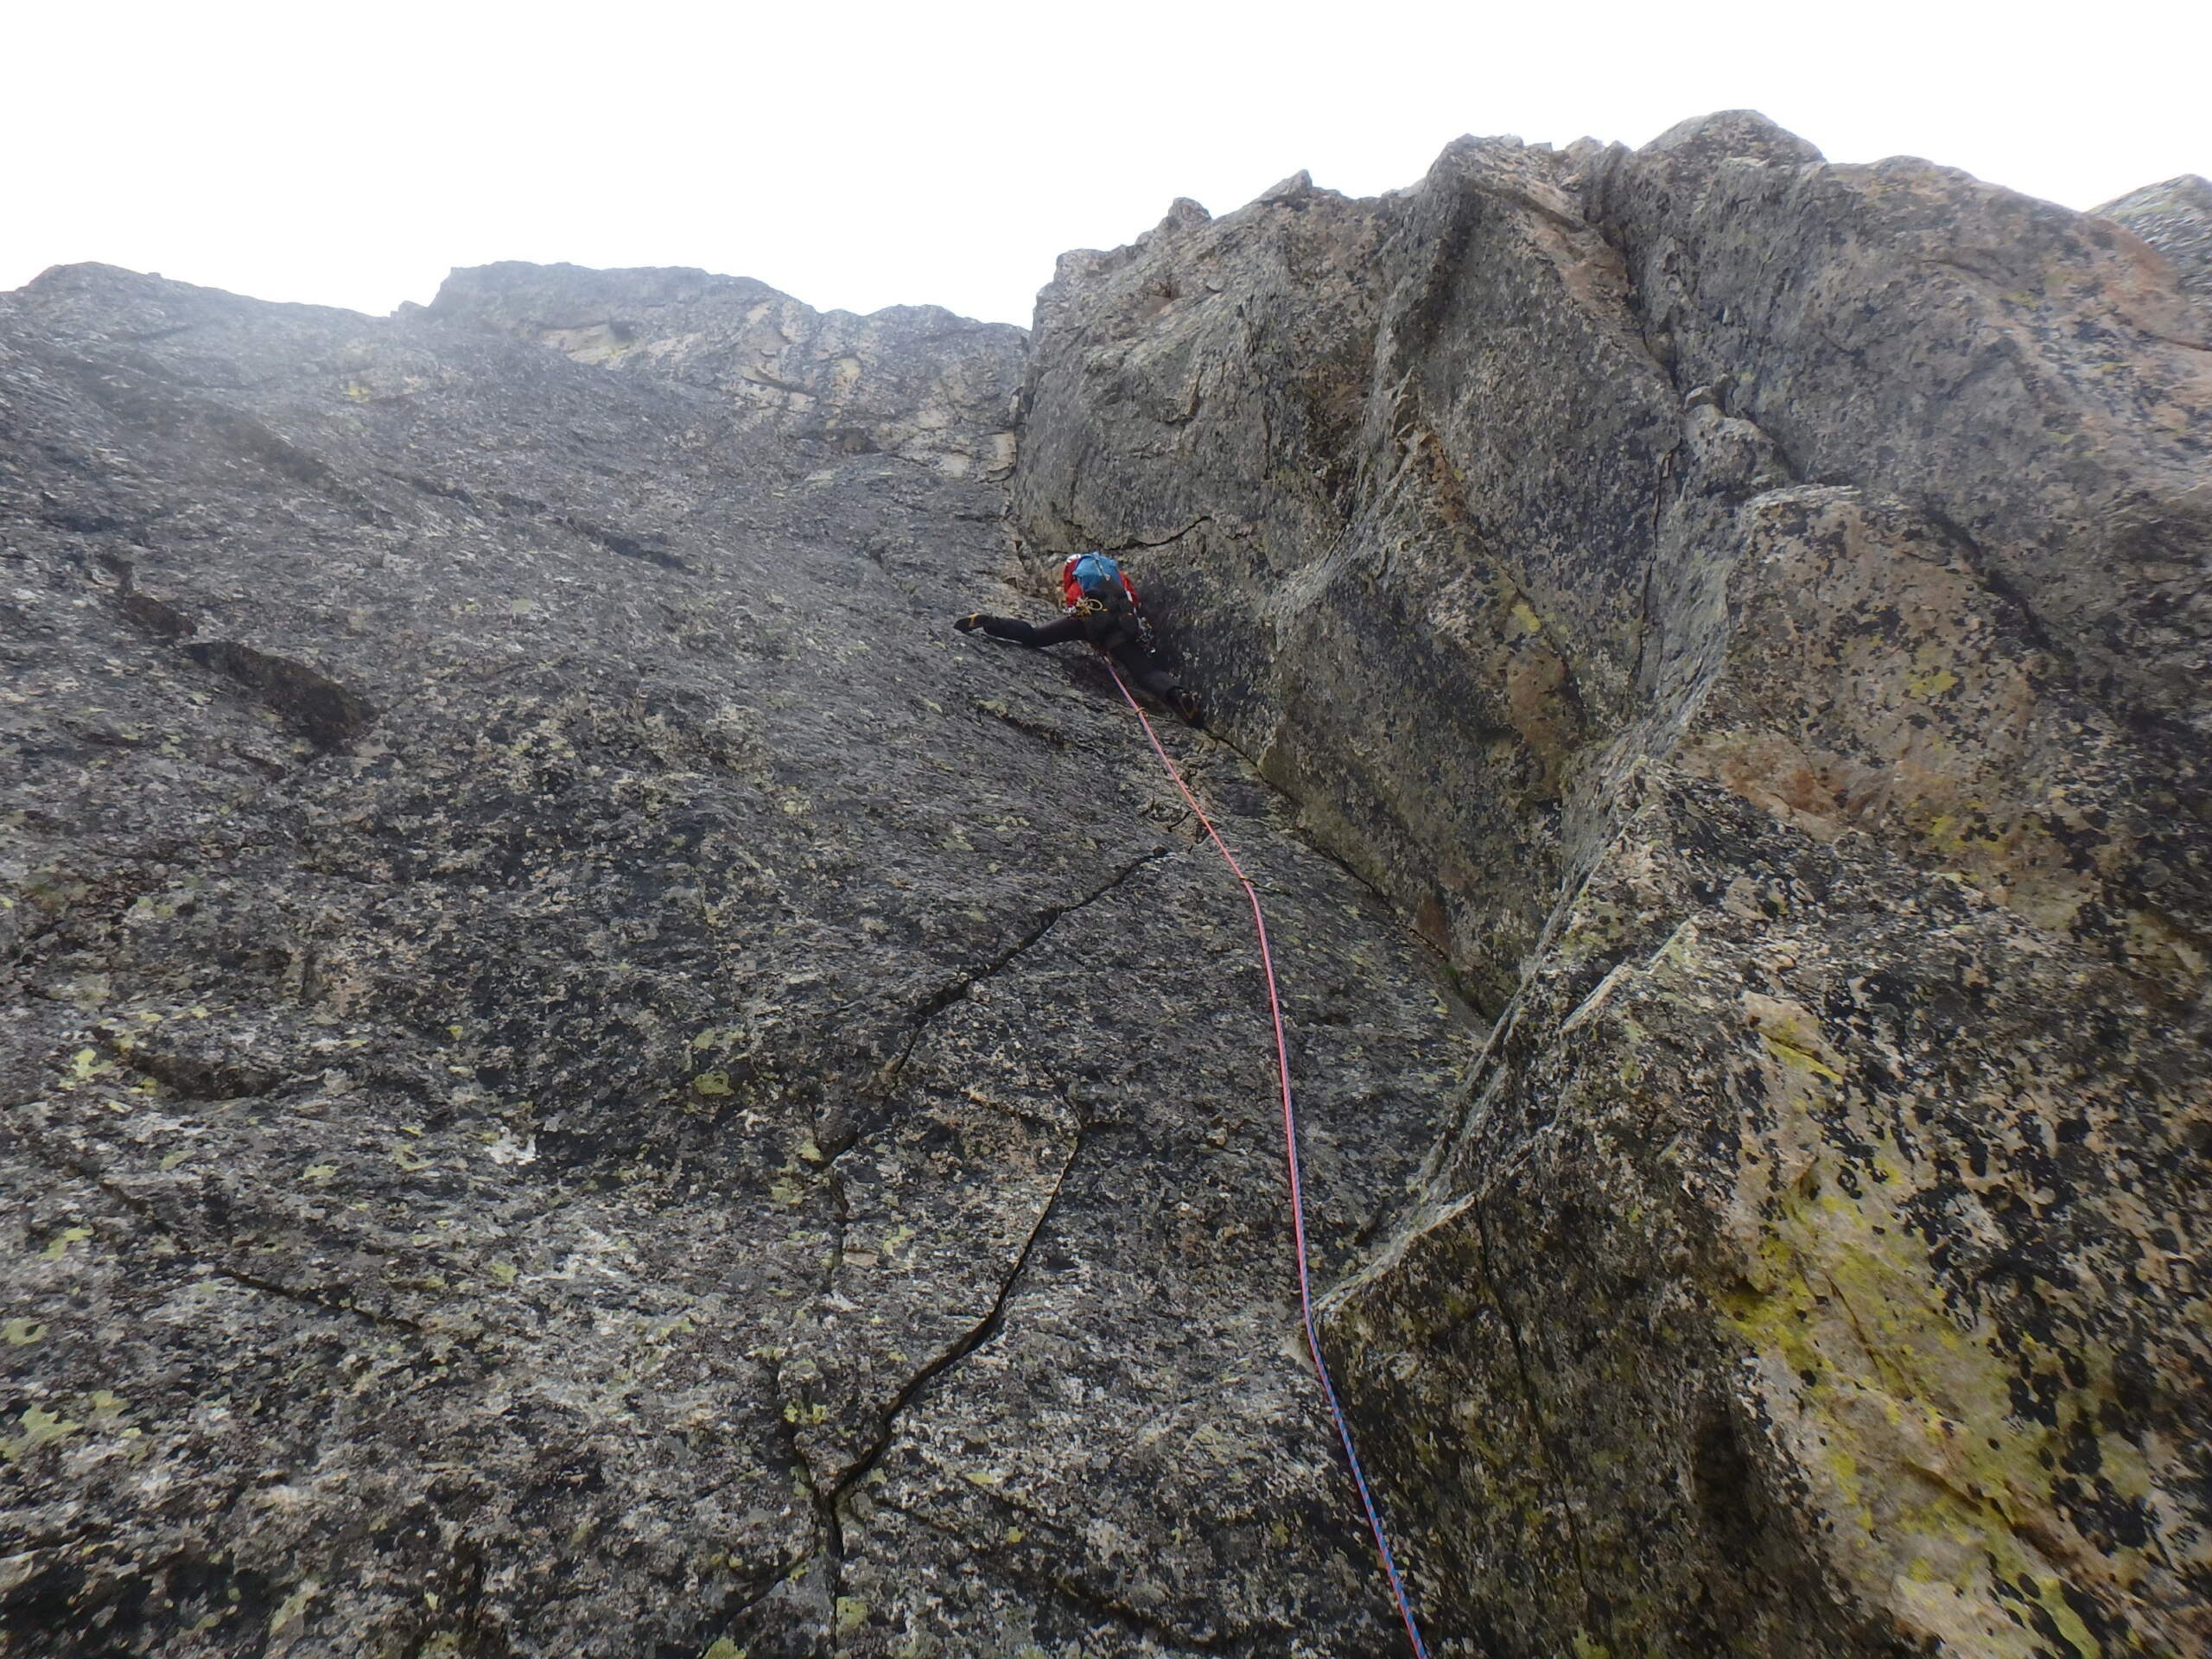 Val Gesso chapitre 1 : Eperon W au Cayre des Erps P8180421